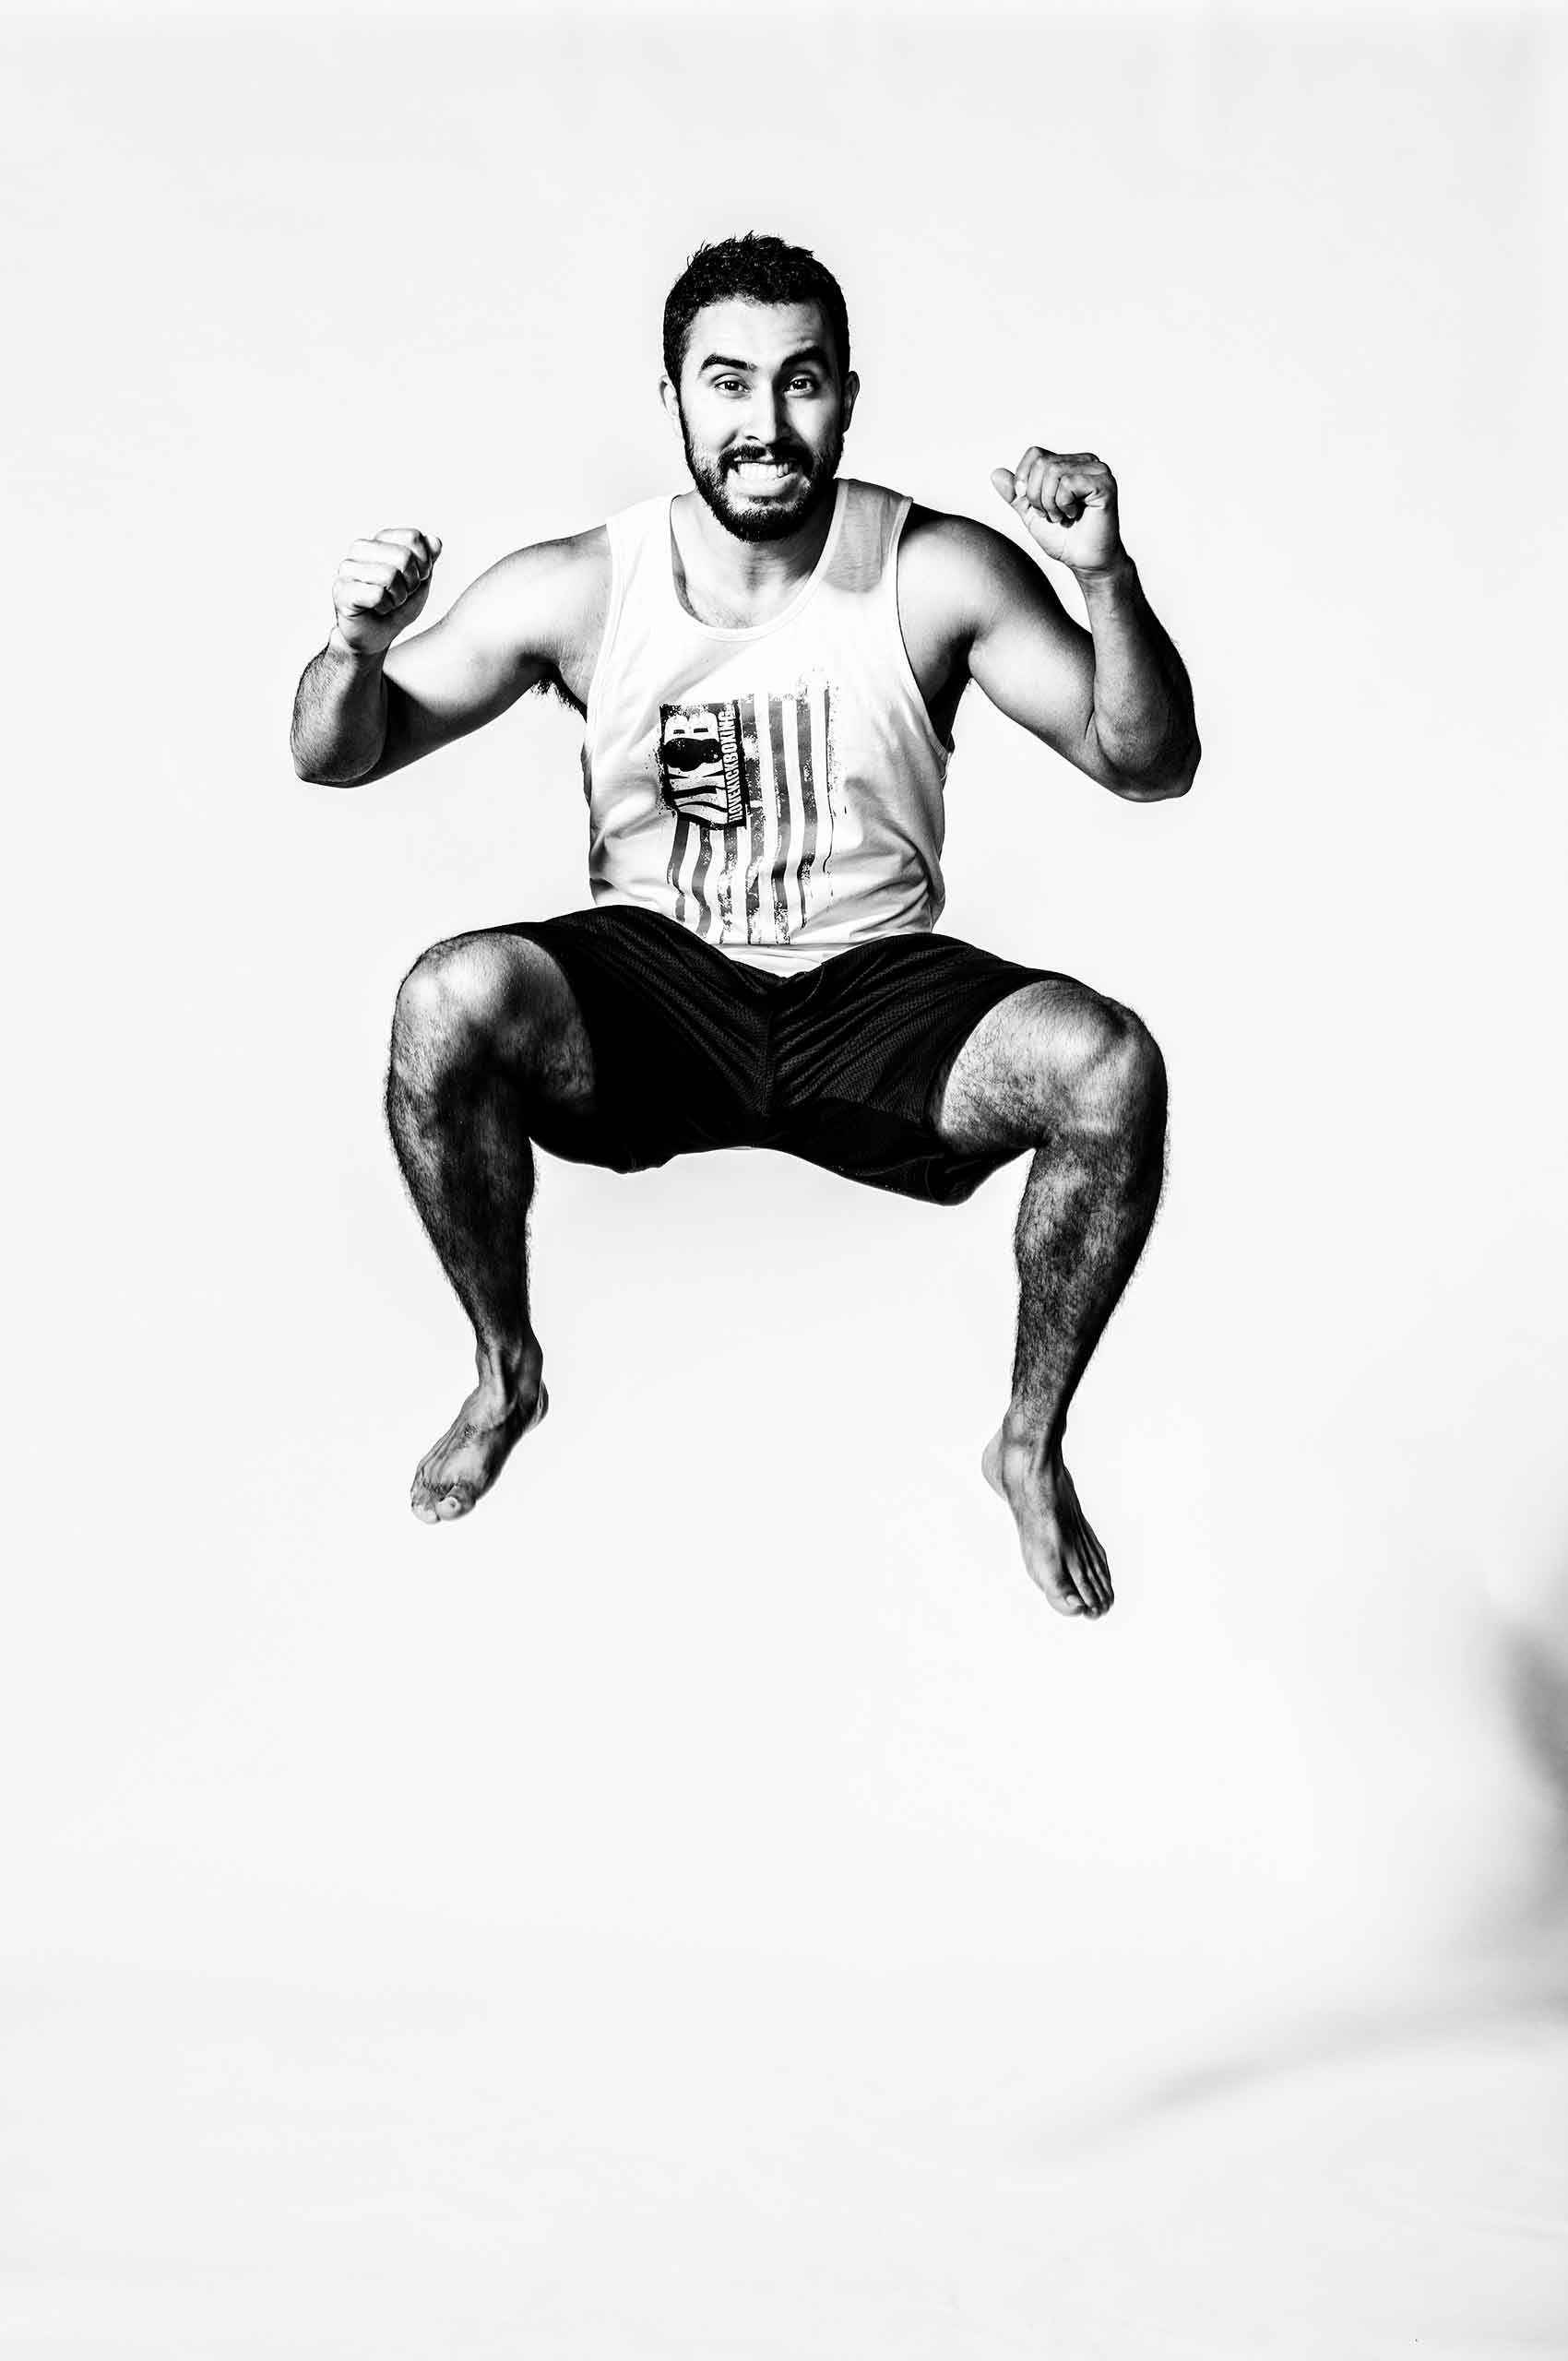 Kickboxer-jumping-by-HenrikOlundPhotography.jpg